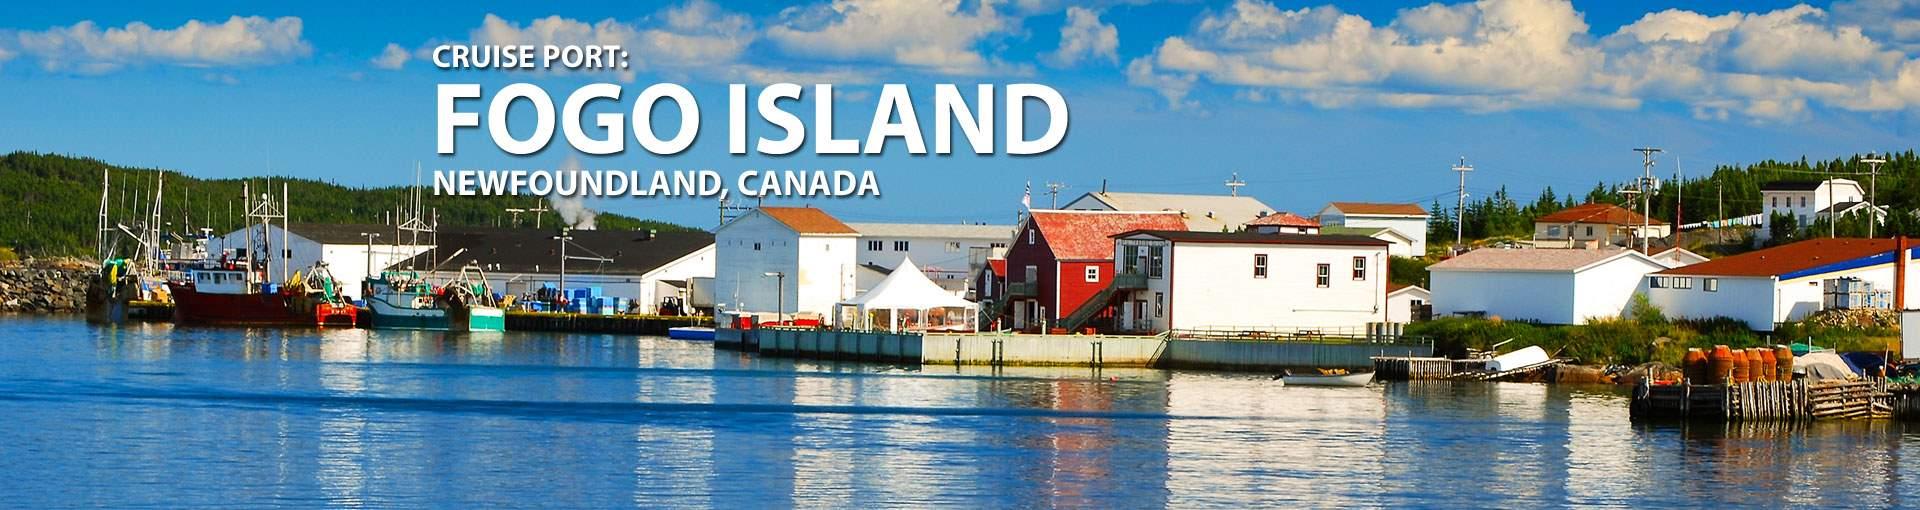 Cruises to Fogo Island, Newfoundland